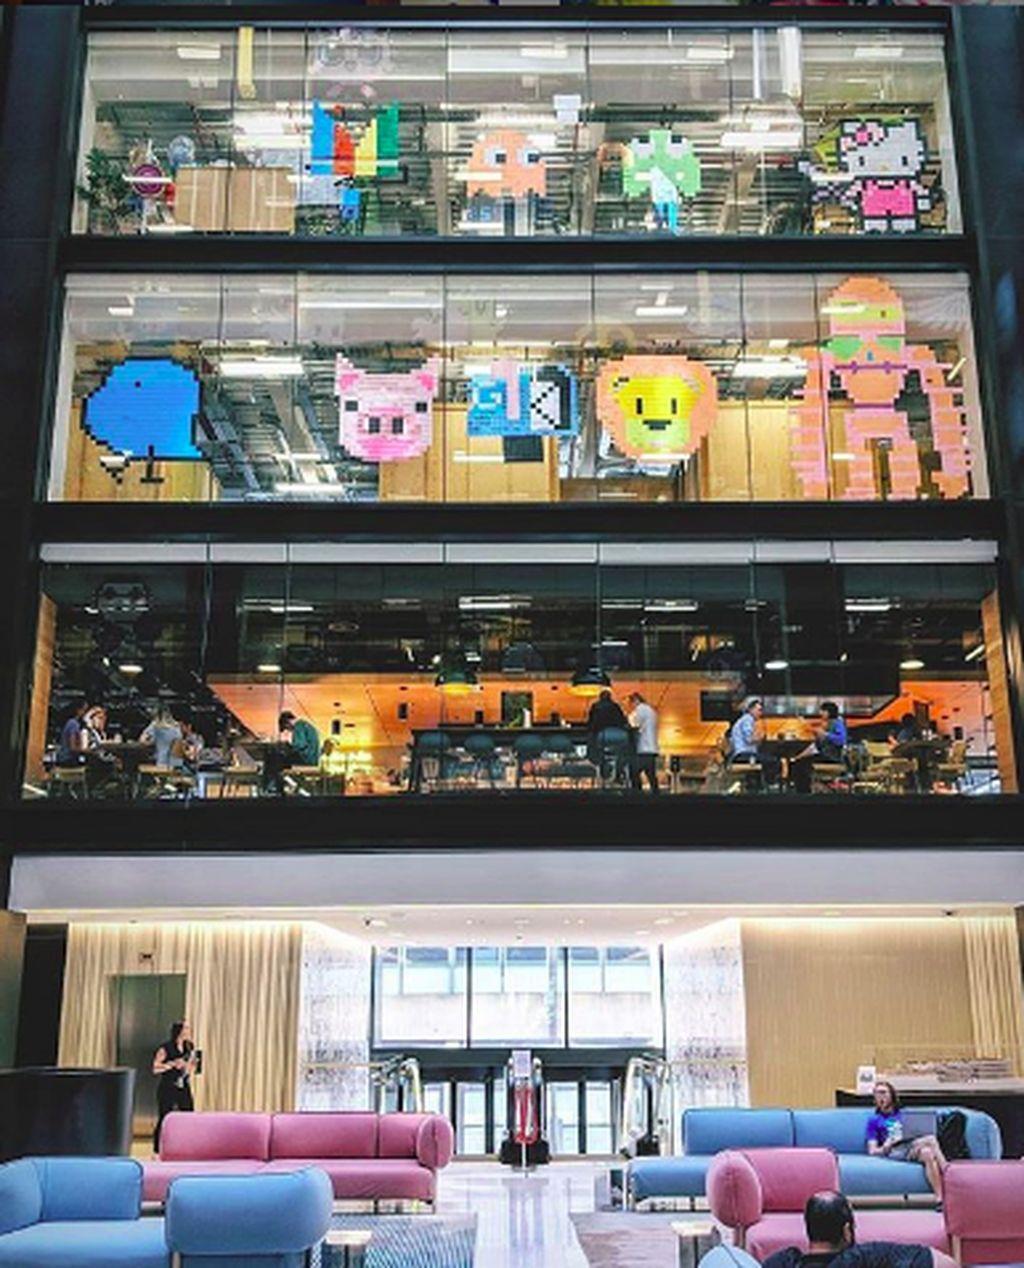 Kantor pusat Google terletak di Mountain View, California, Amerika Serikat dan banyak kantor lain di seluruh dunia. Terdapat segudang fasilitas yang disediakan Google untuk memanjakan karyawannya.(Foto: Instagram/lifeatgoogle)